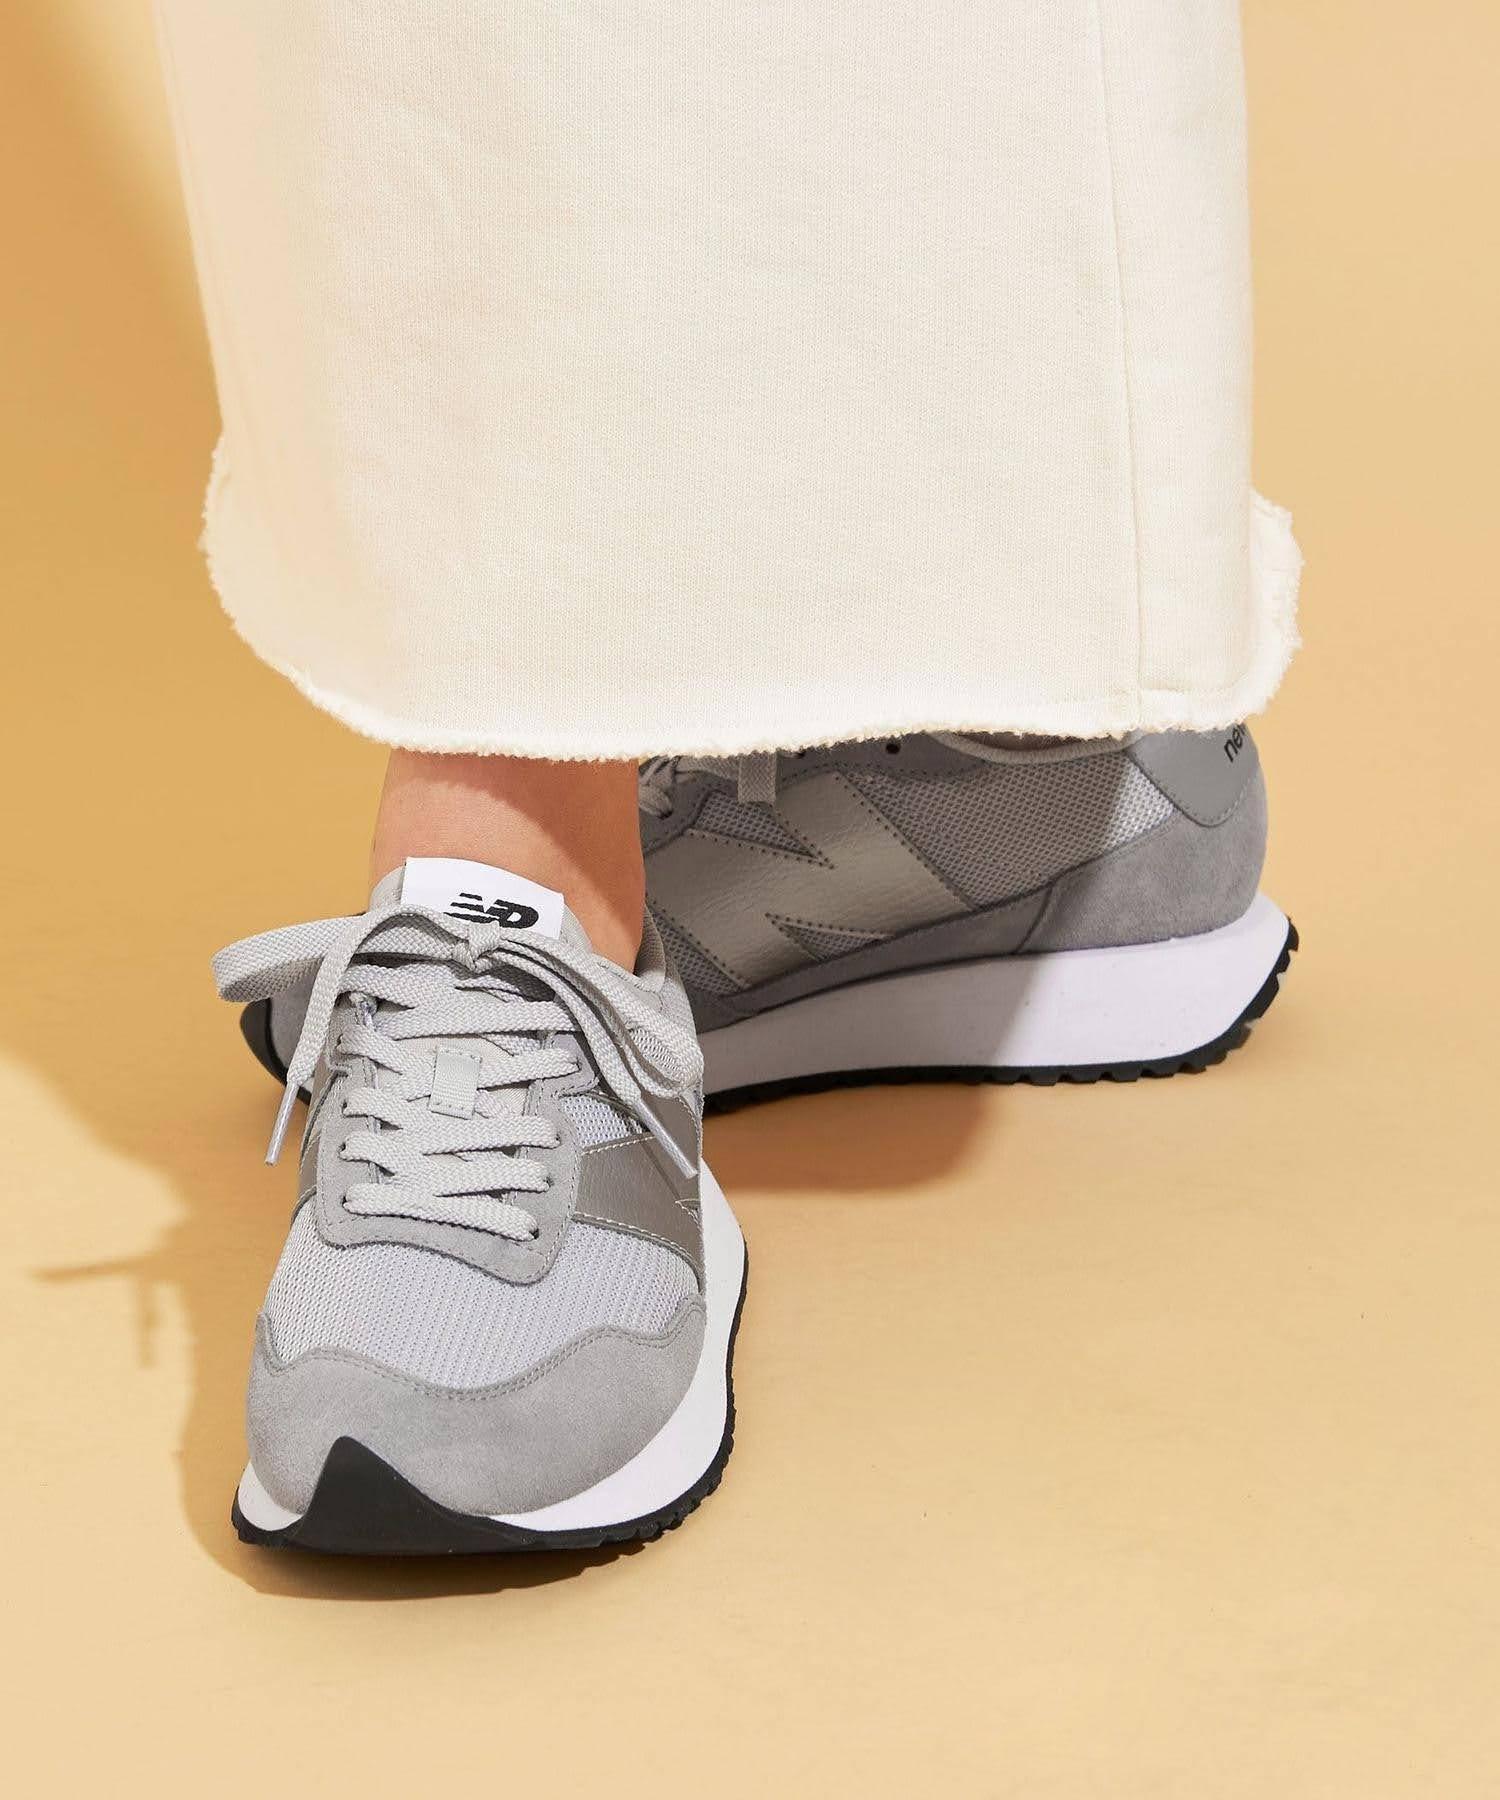 ニューバランス WS237/ グレー New-Balance-WS237-Grey-on-feet-2